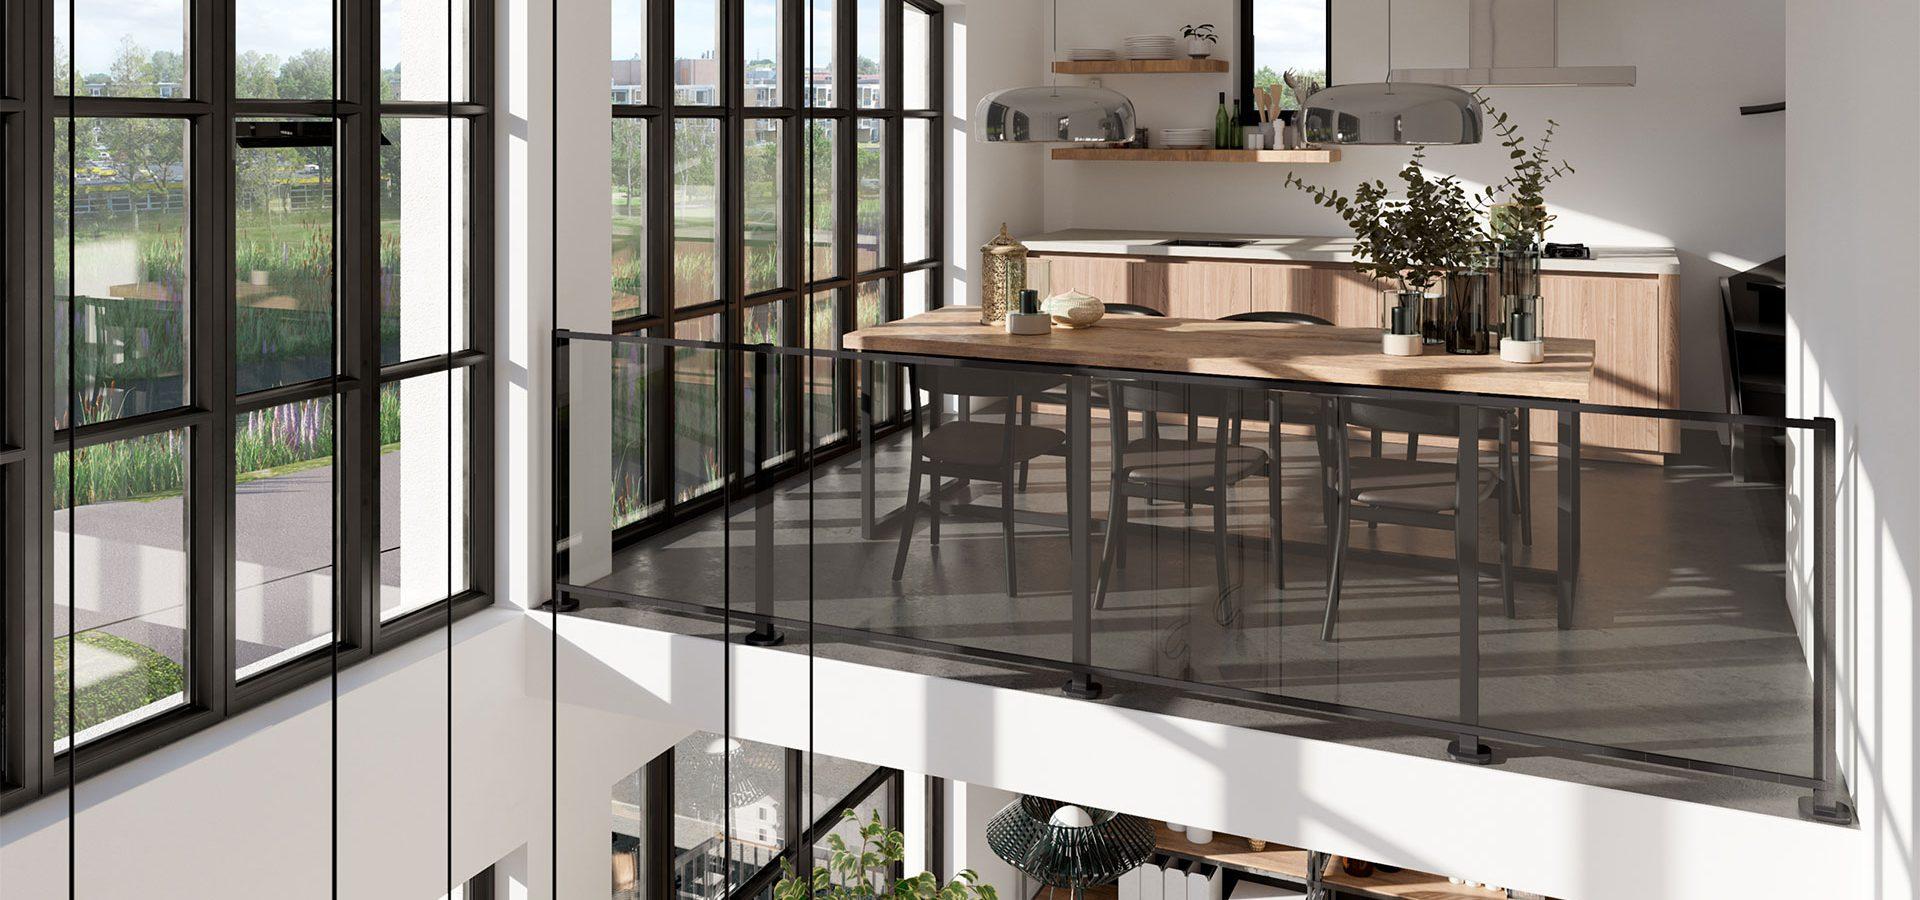 FARO architecten Energiek Utrecht 05